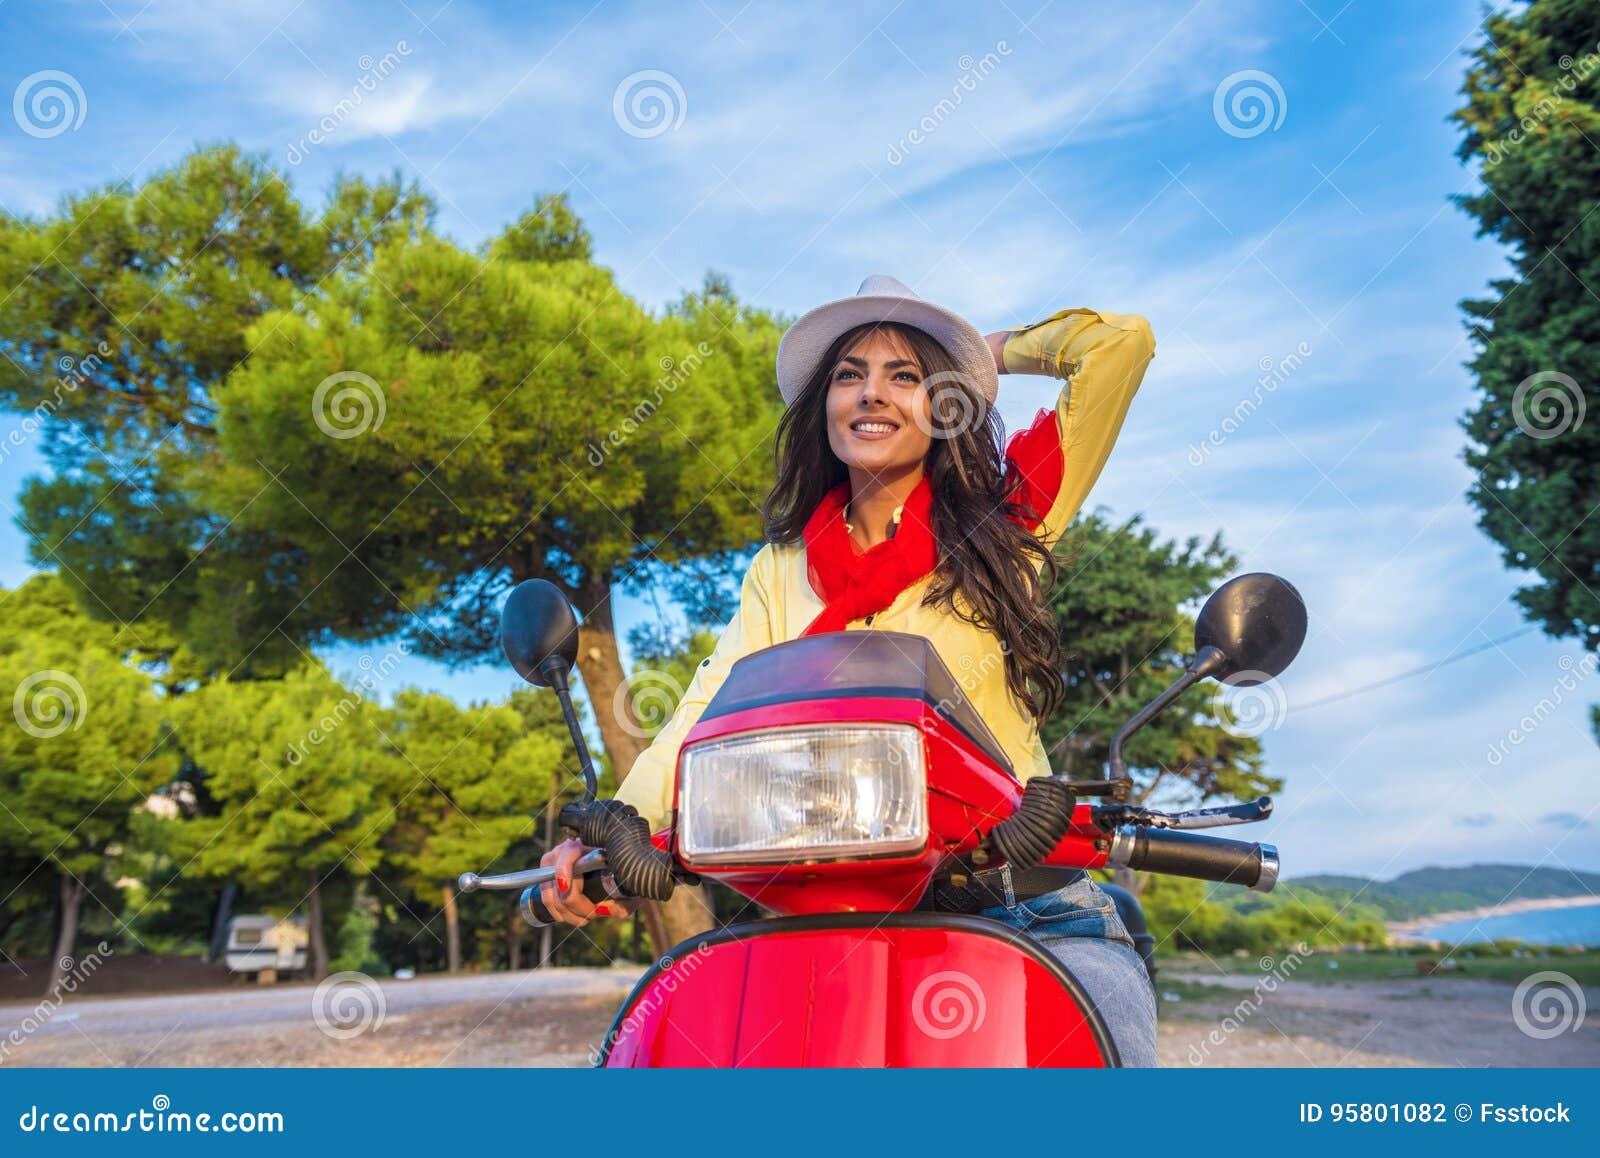 Slut upp livsstilbild av den unga trendiga kvinnan i tillfälligt dräktsammanträde på sparkcykeln på gatan